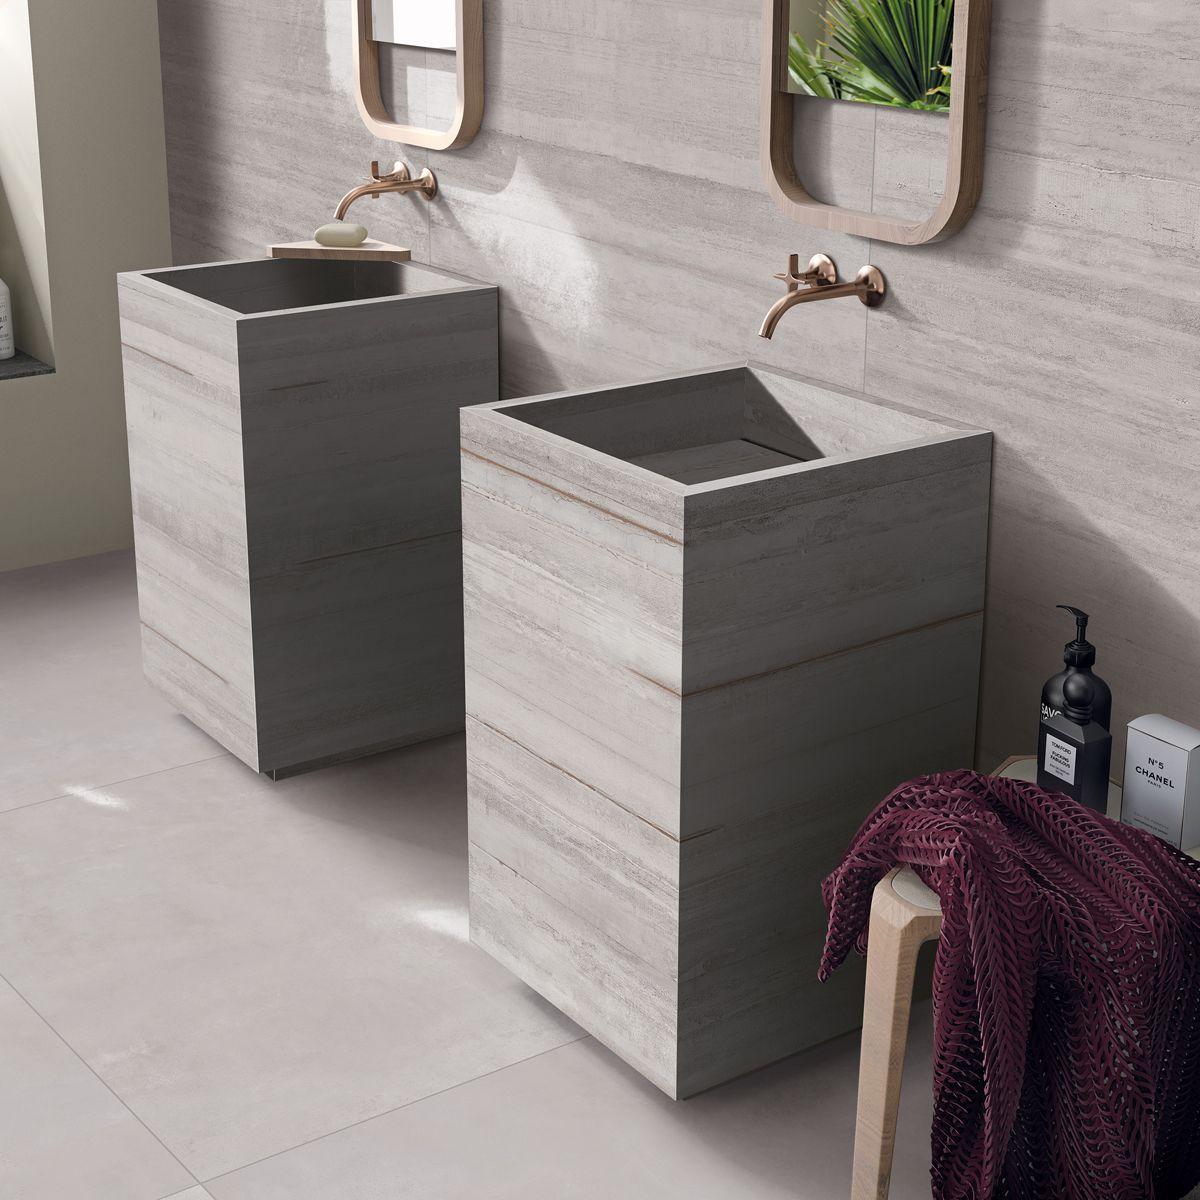 Lavabo A Colonna Design il lavabo a colonna bath design di #abkemozioni è un